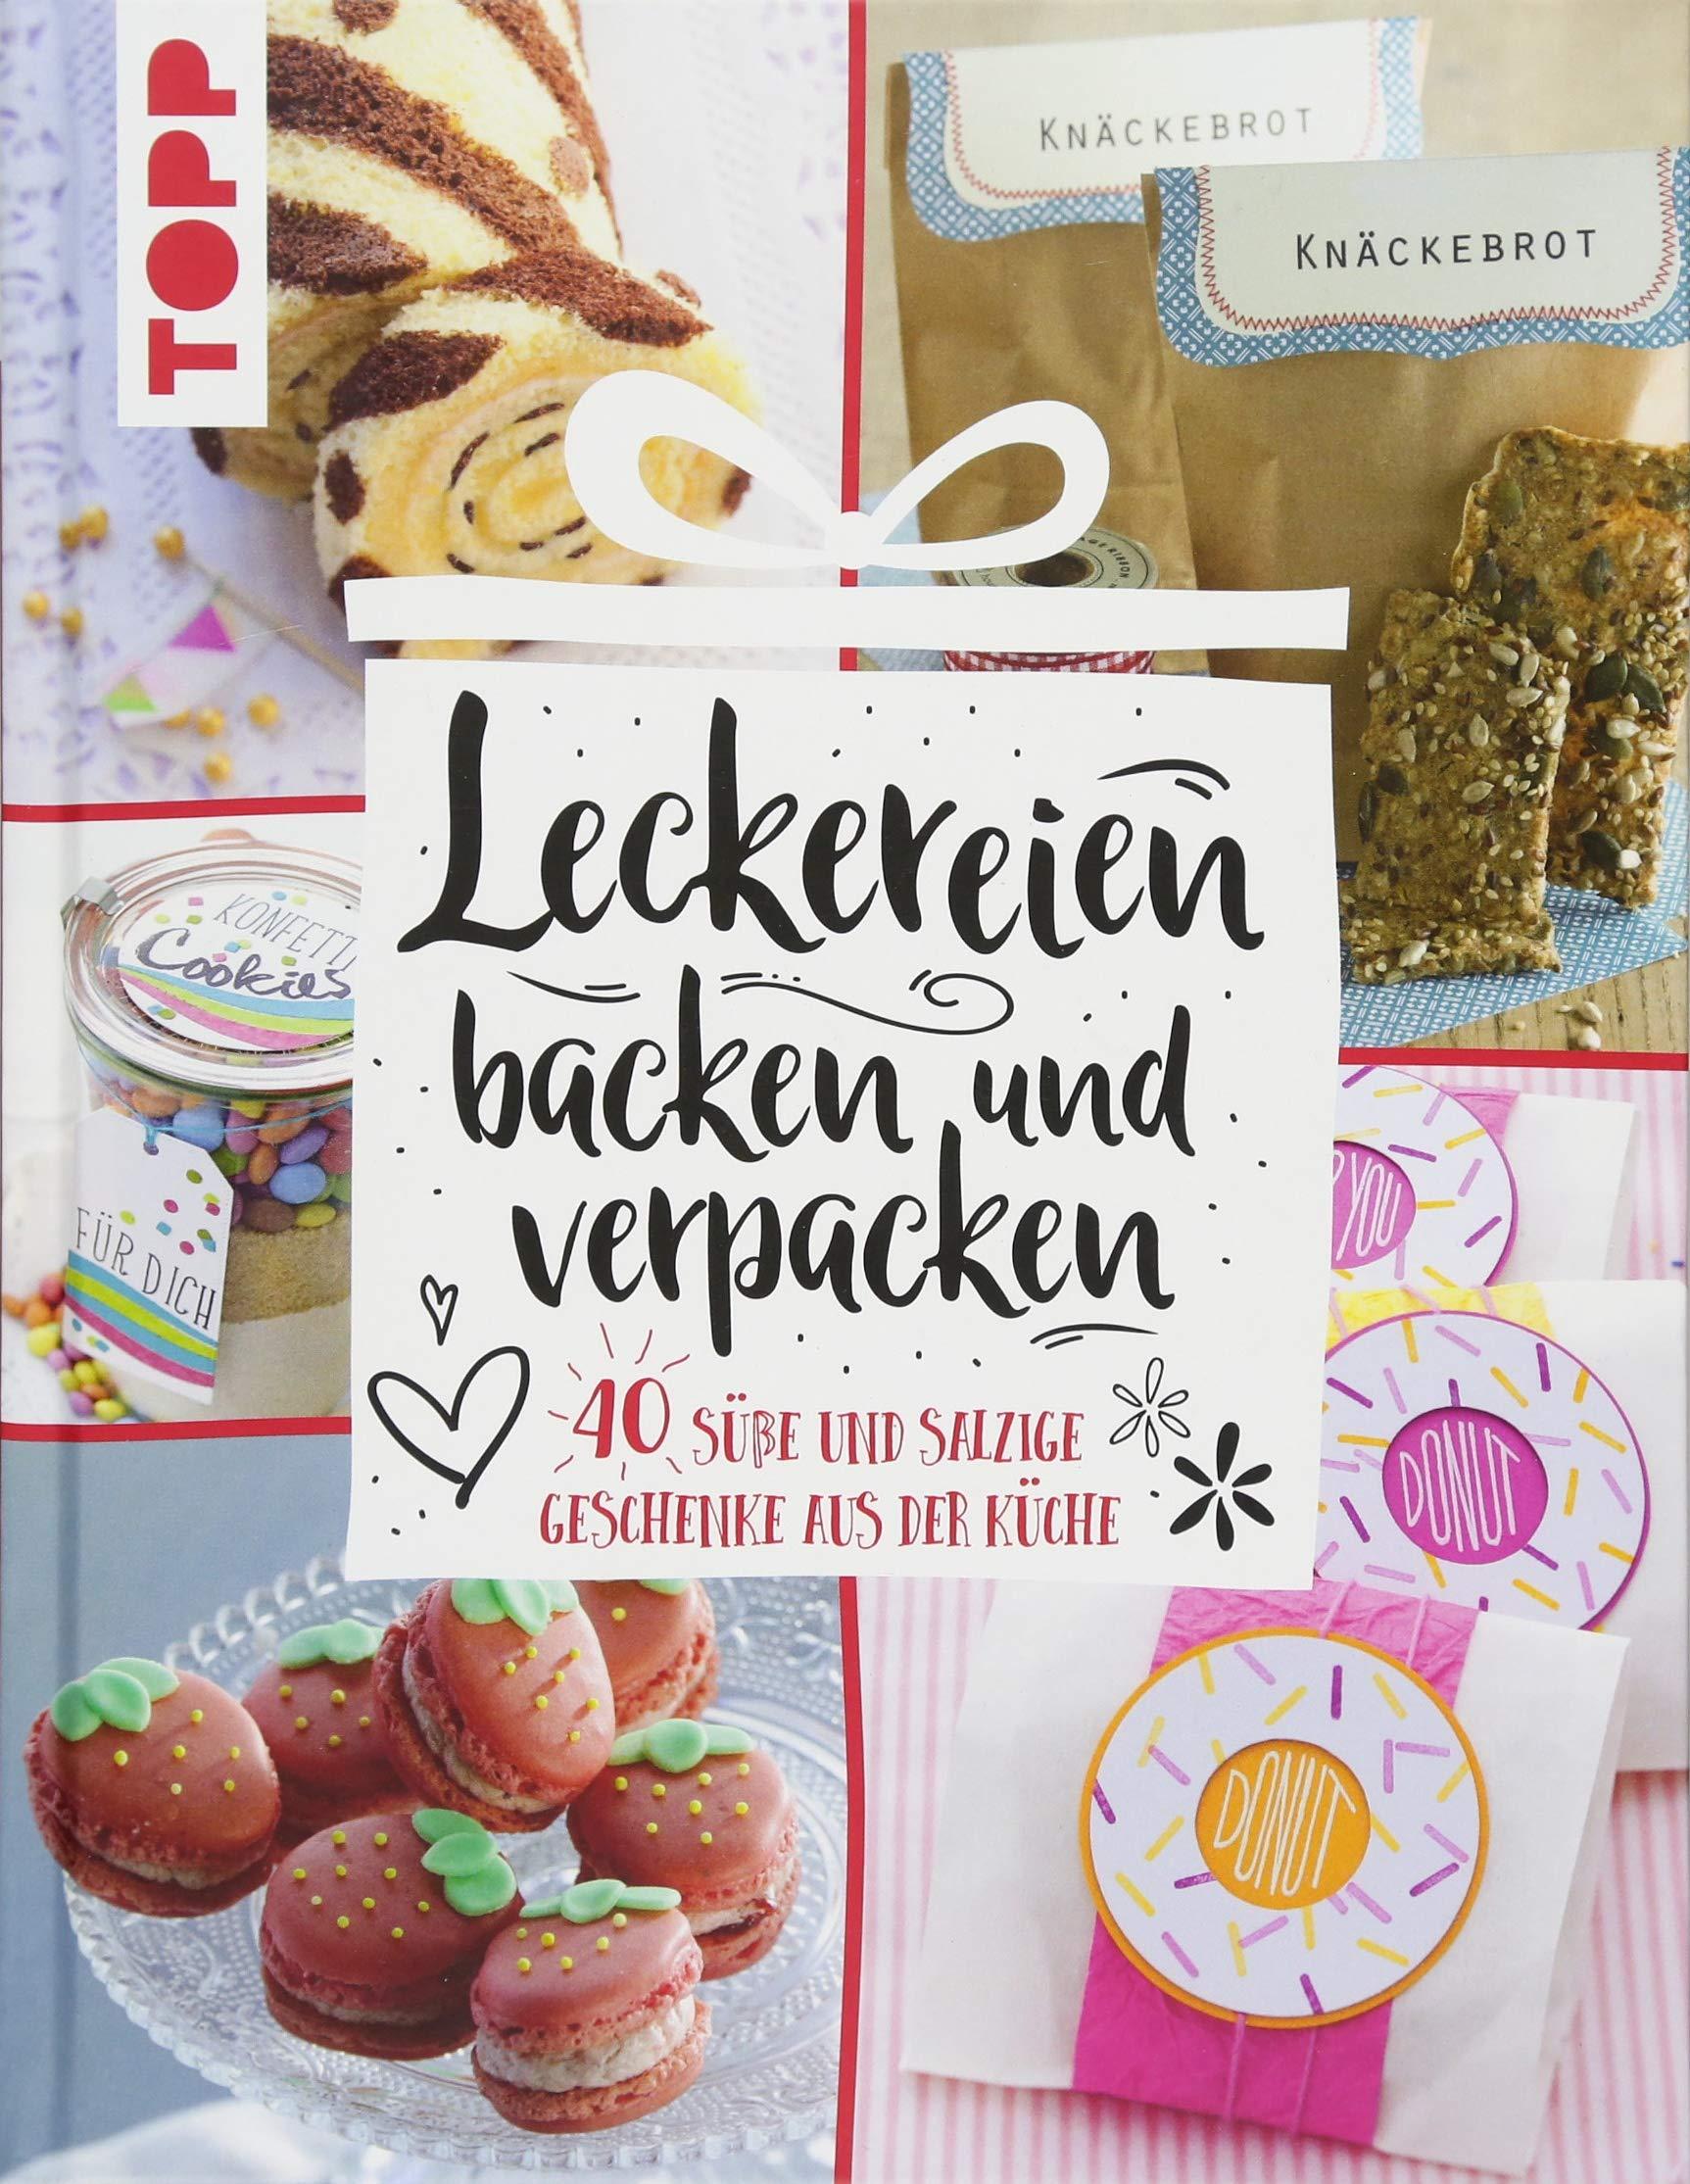 leckereien-backen-und-verpacken-40-ssse-und-salzige-geschenke-aus-der-kche